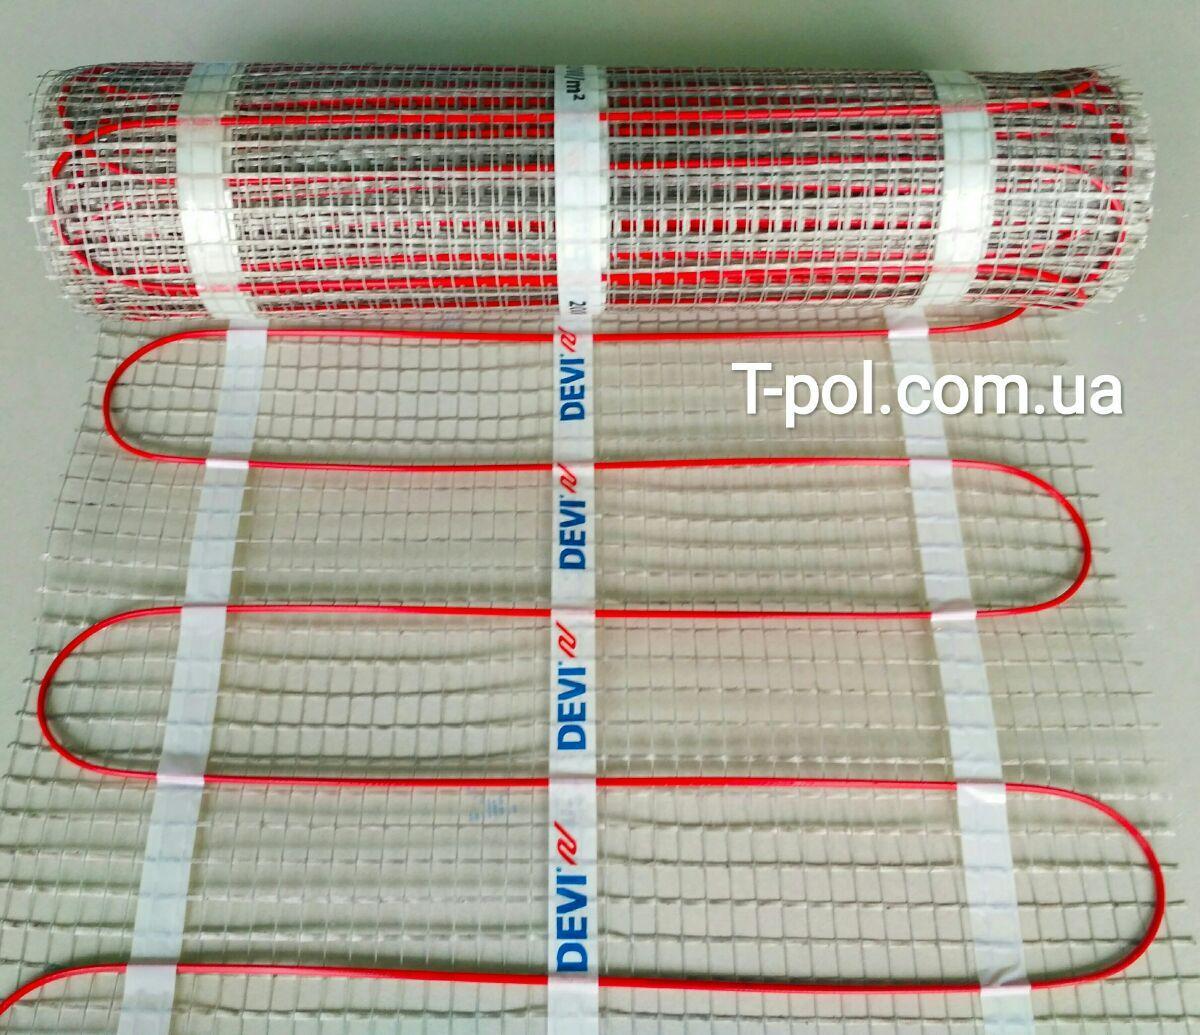 Теплый пол Devi нагревательный мат devicomfort dtir-150t на 7 м2